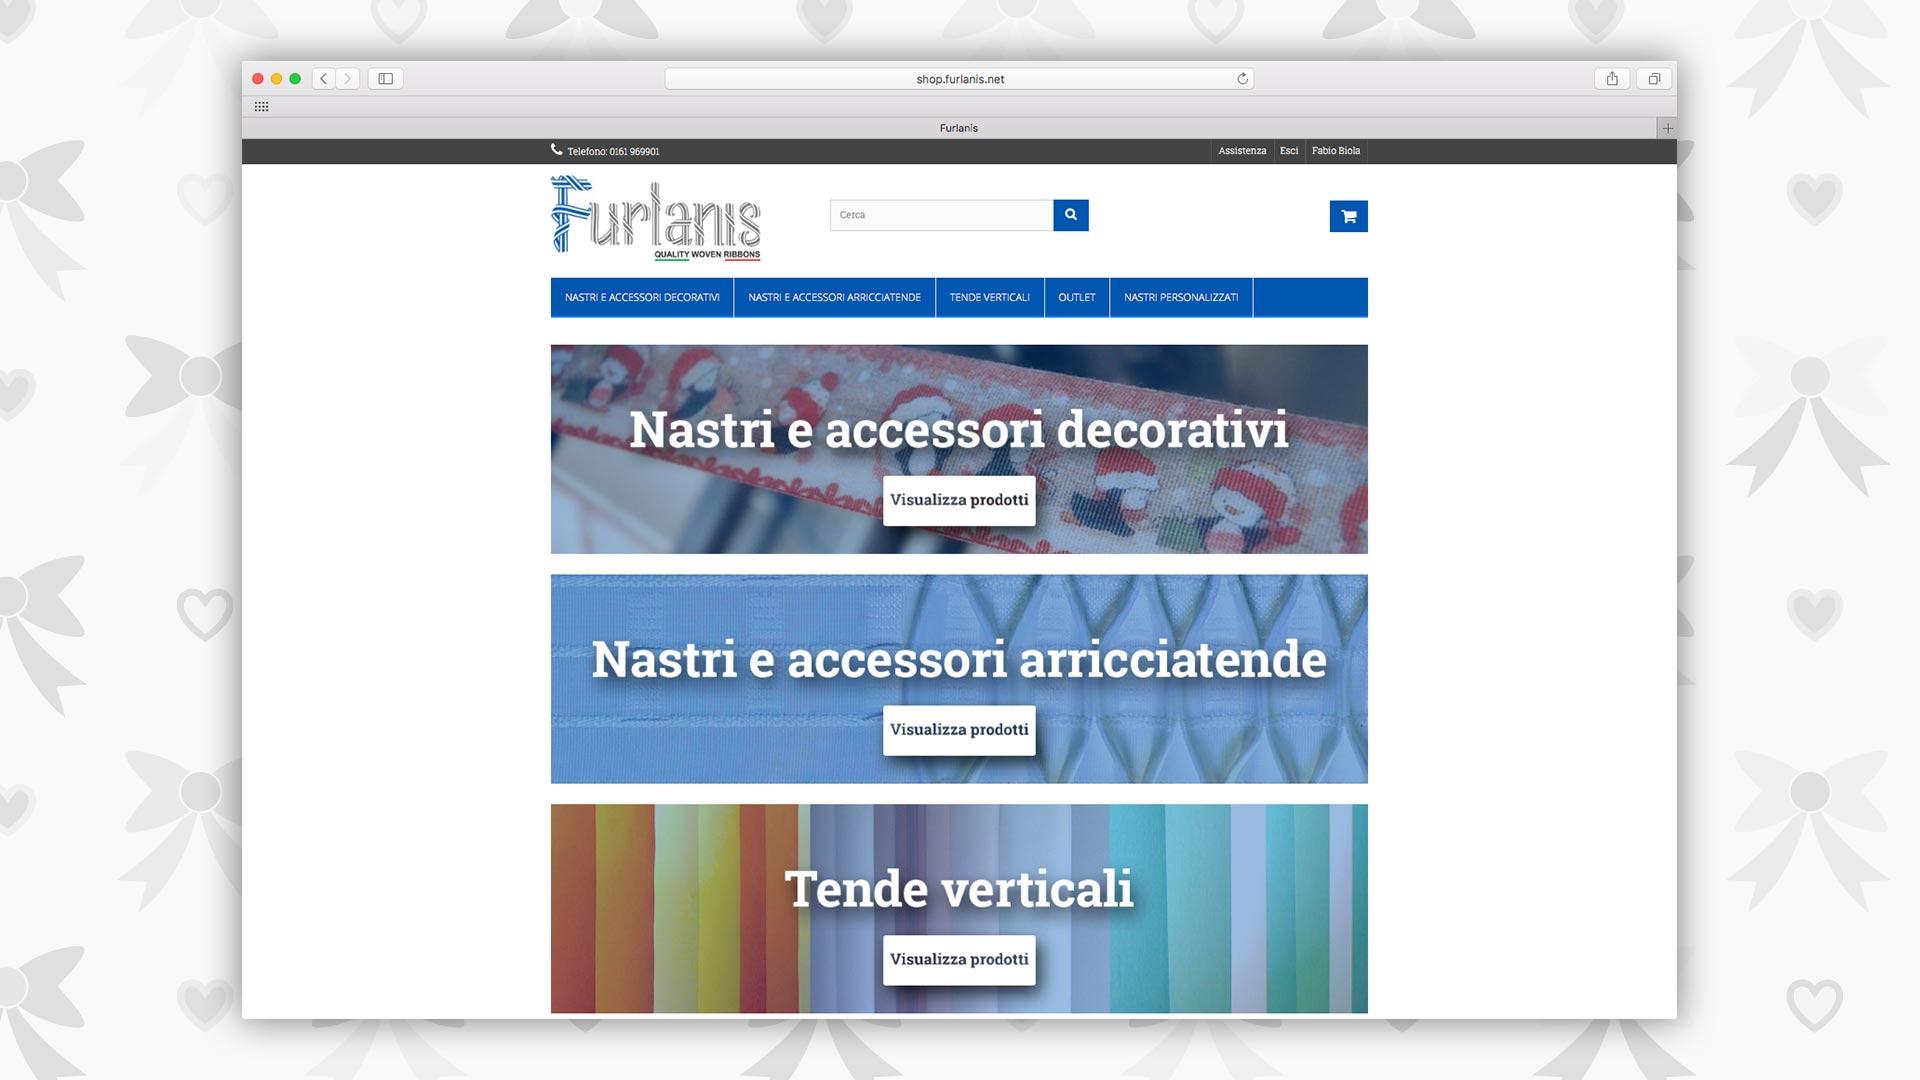 Sito E-commerce B2B di Furlanis realizzato da OrangePix a Biella